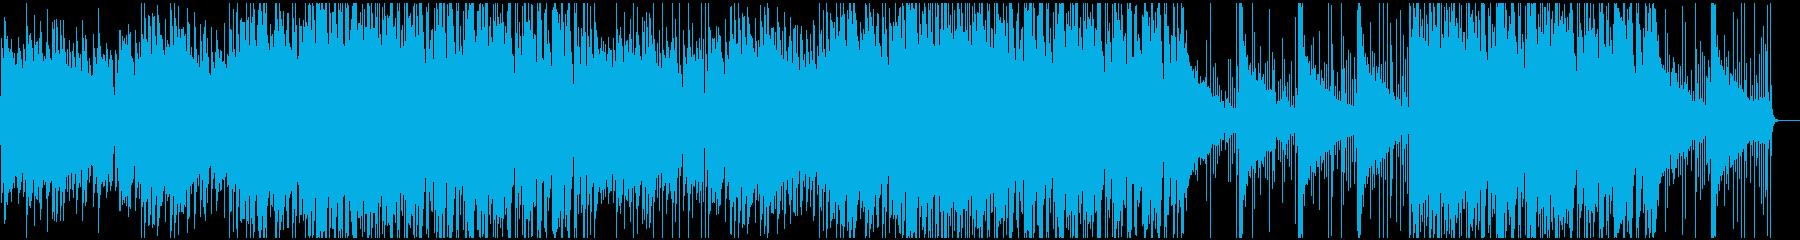 ラテン ジャズ バサノバ トロピカ...の再生済みの波形